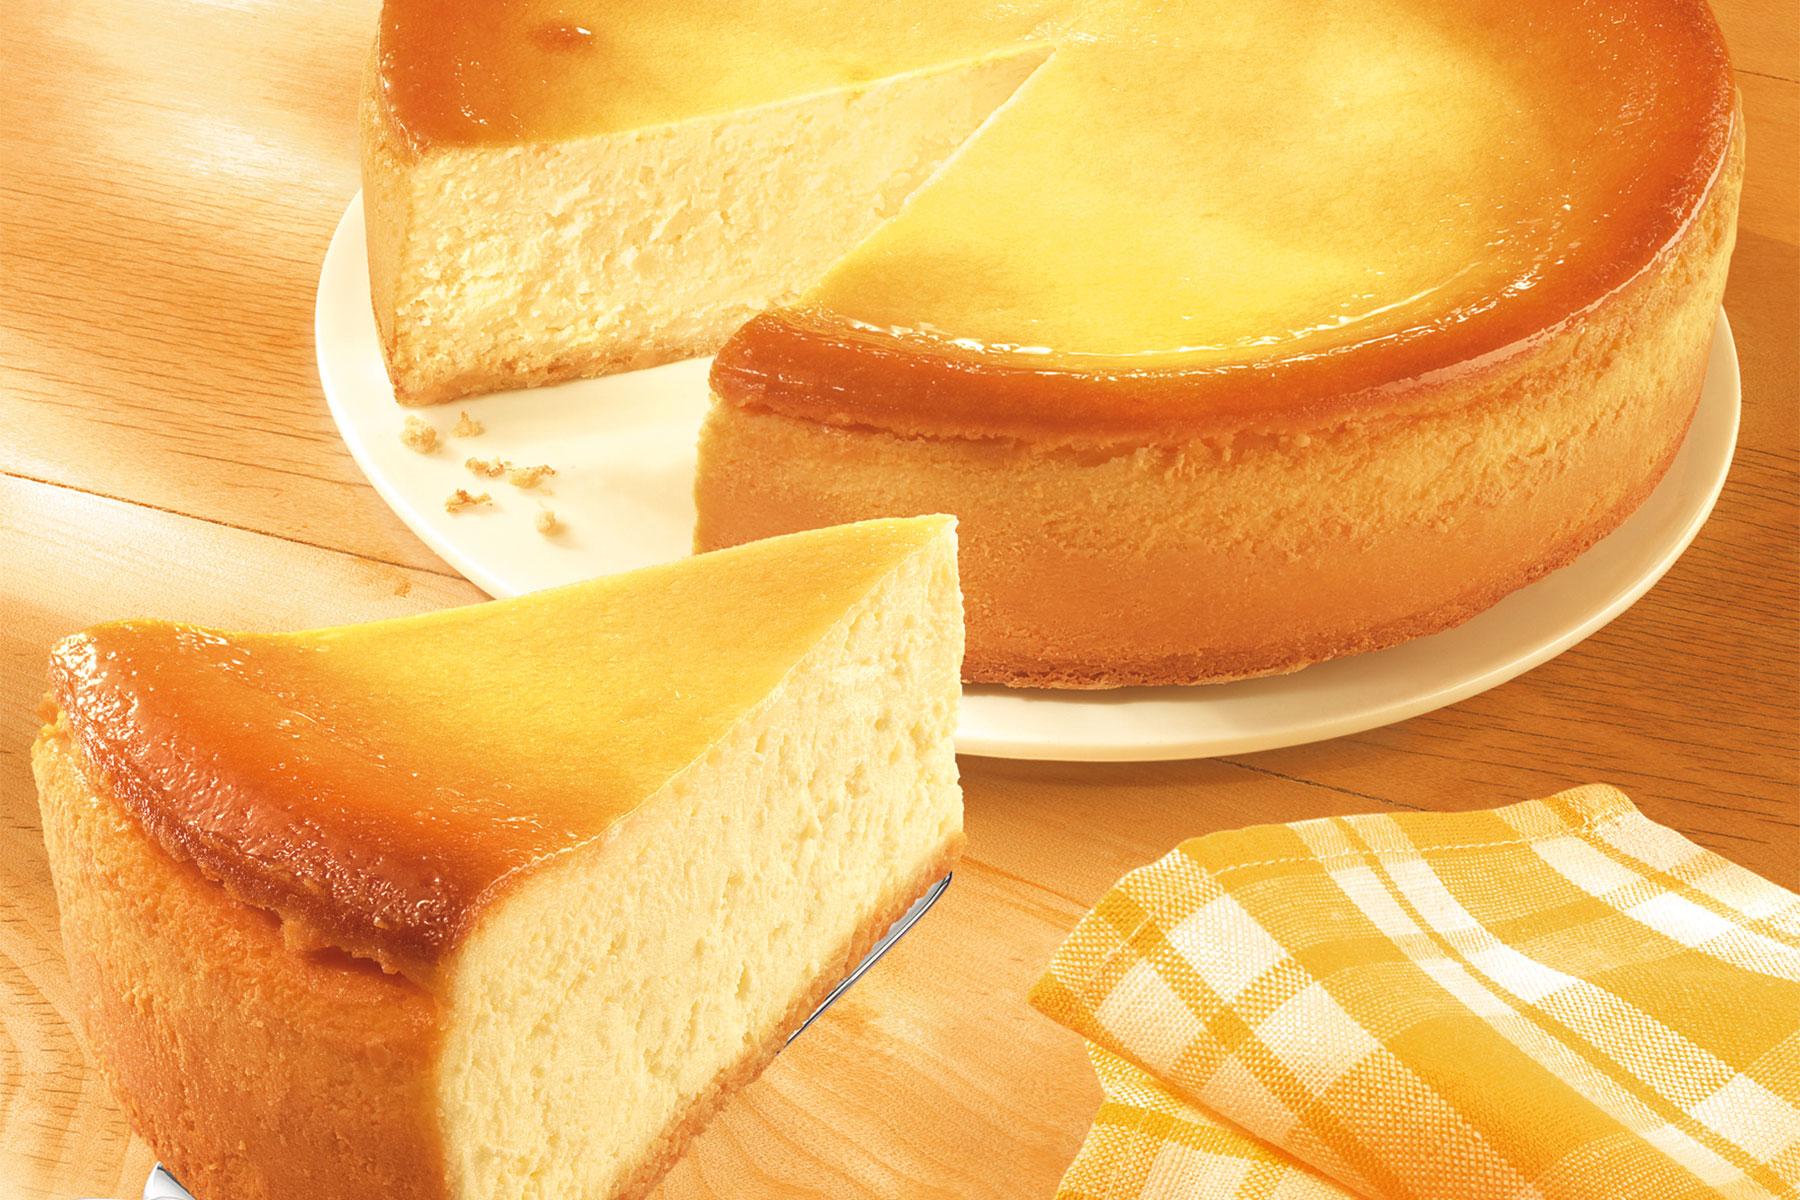 Vom Einfall und Aufstieg des Käse-Kuchen 1